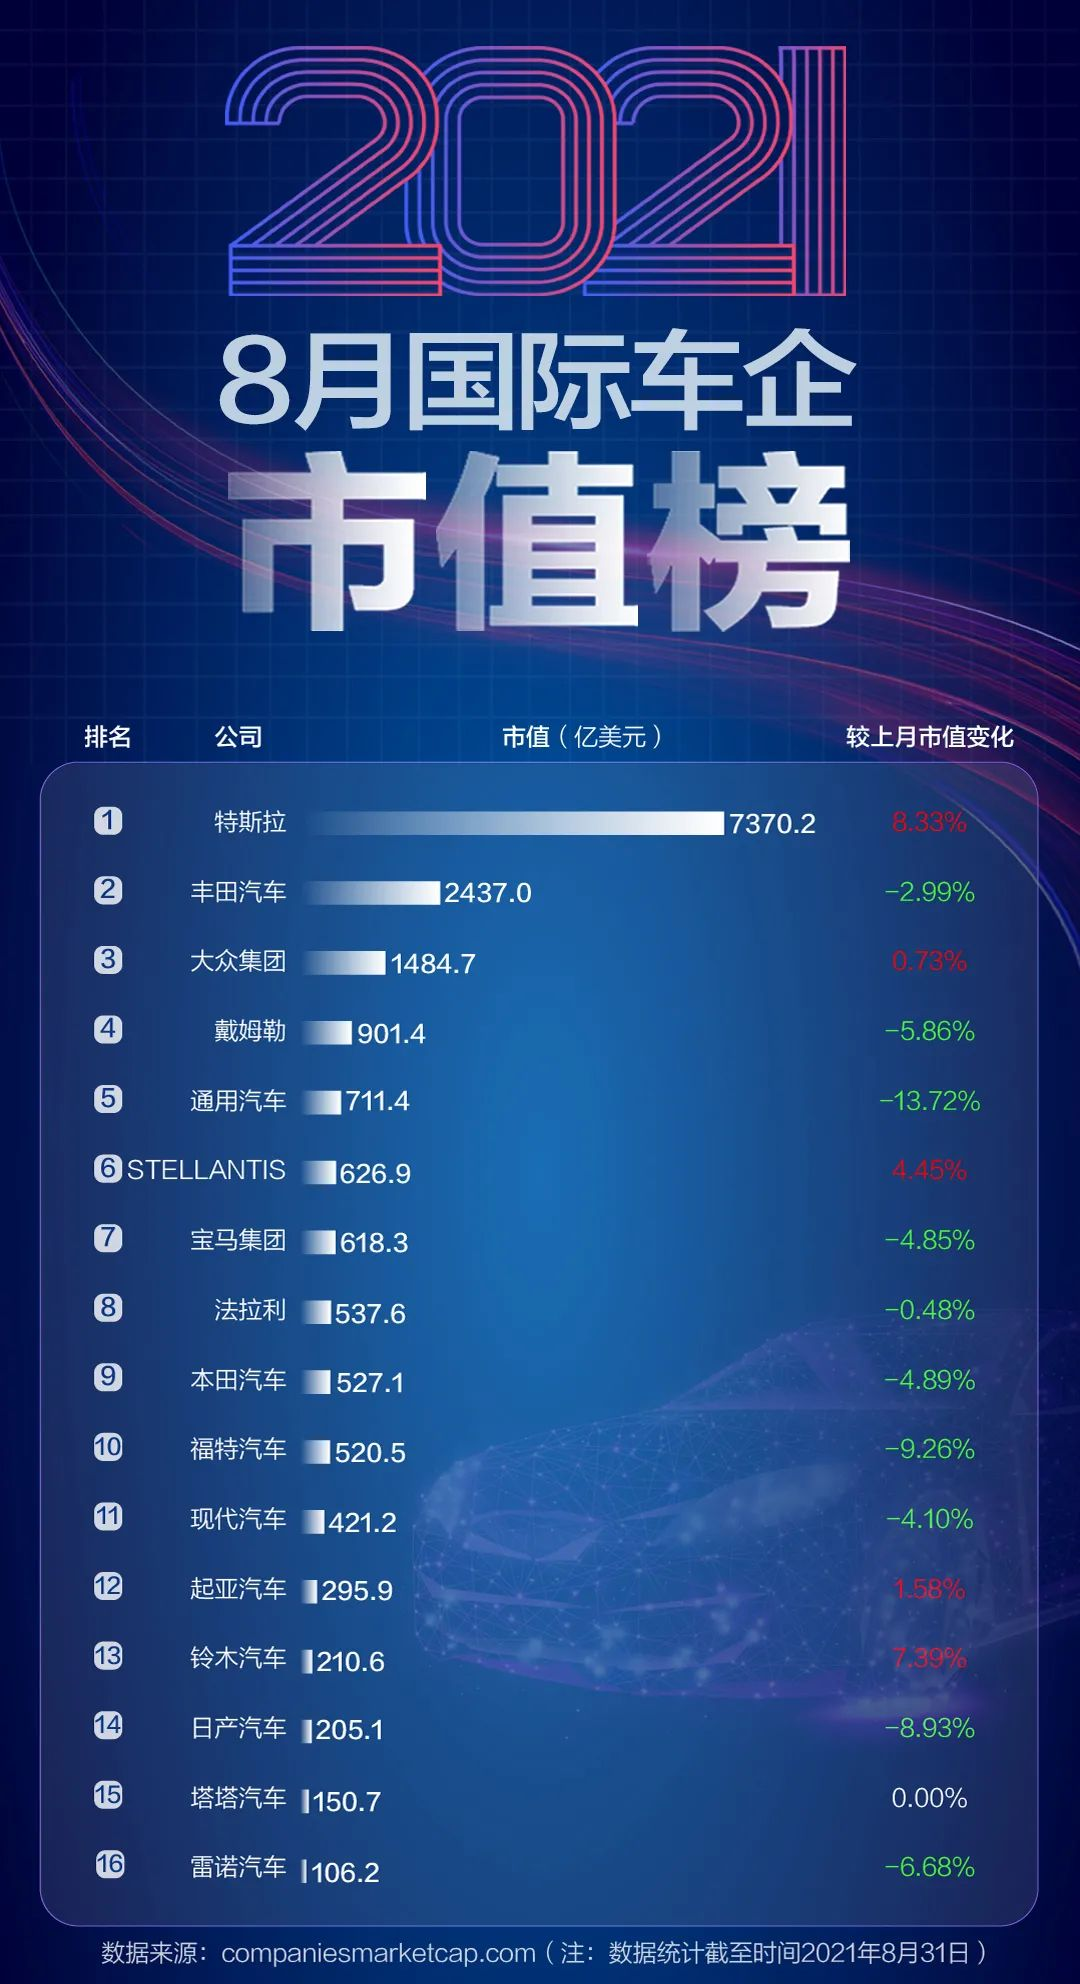 中国汽车企业总市值增加1760亿元